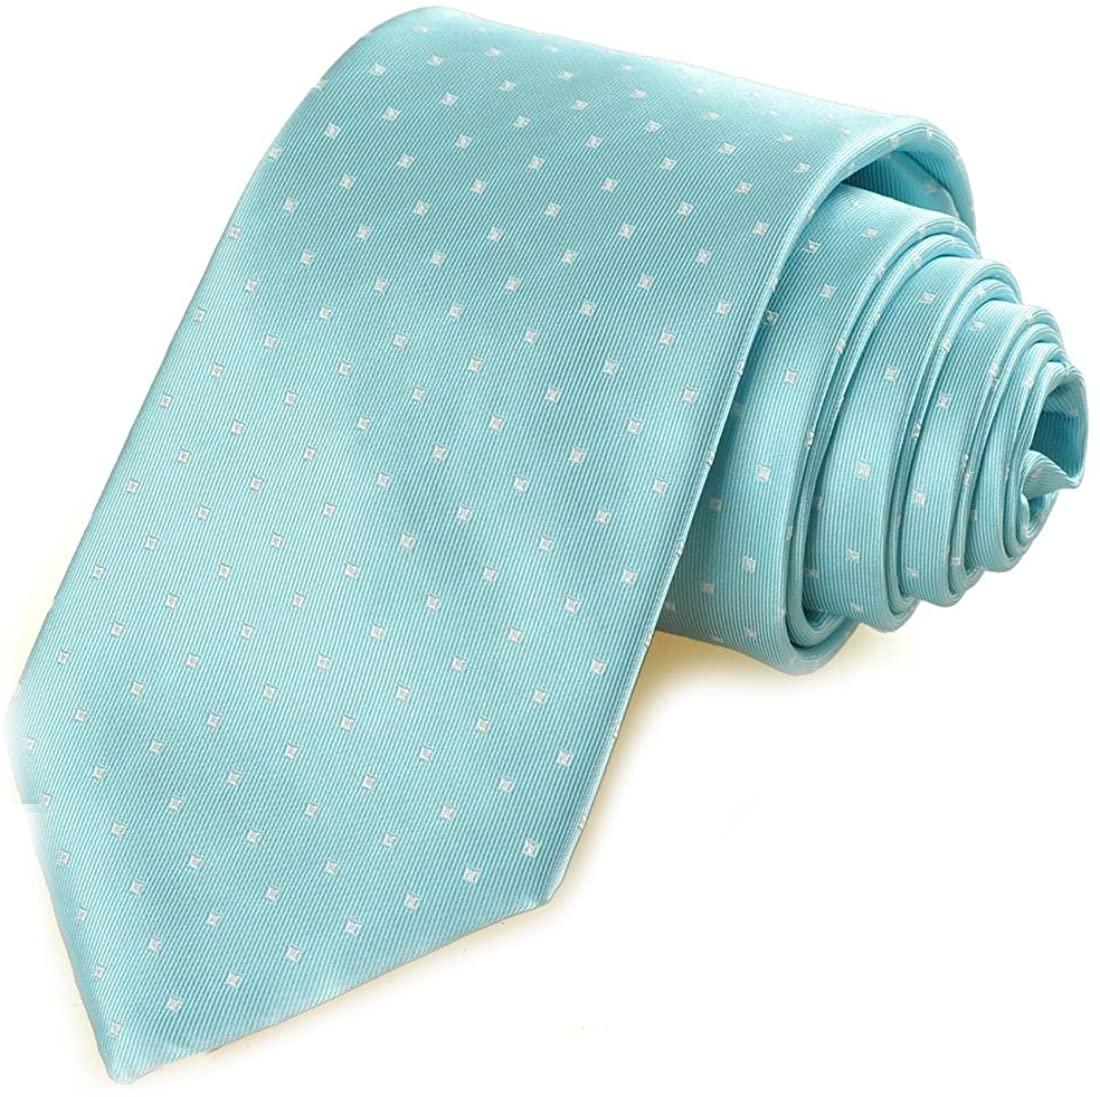 Mens Tie Classic tie formal tie casual tie birthday tie Necktie Wedding Ties